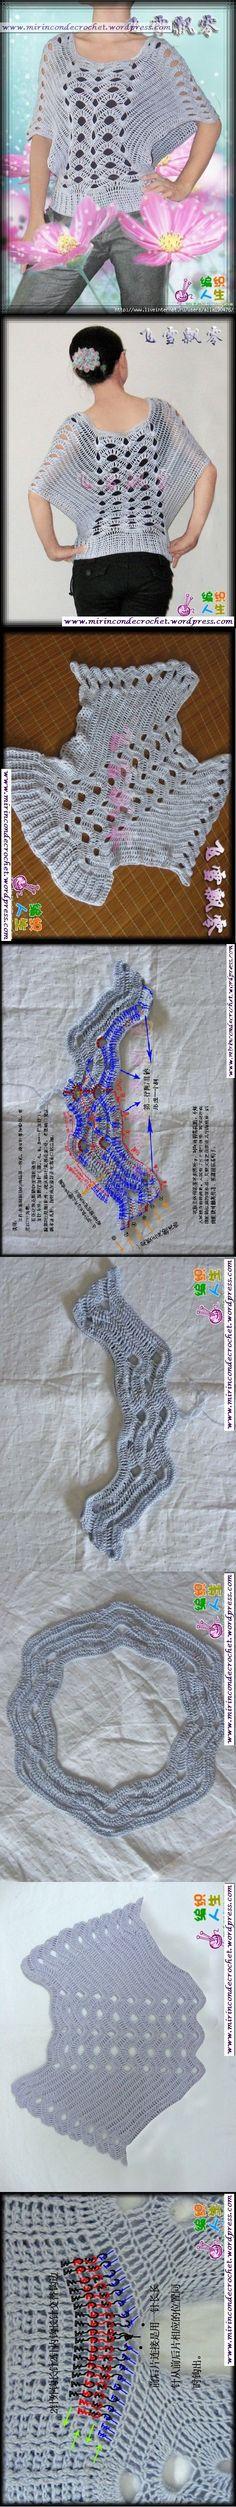 Bellisima remera…Una de mis favoritas | Mi Rincon de Crochet